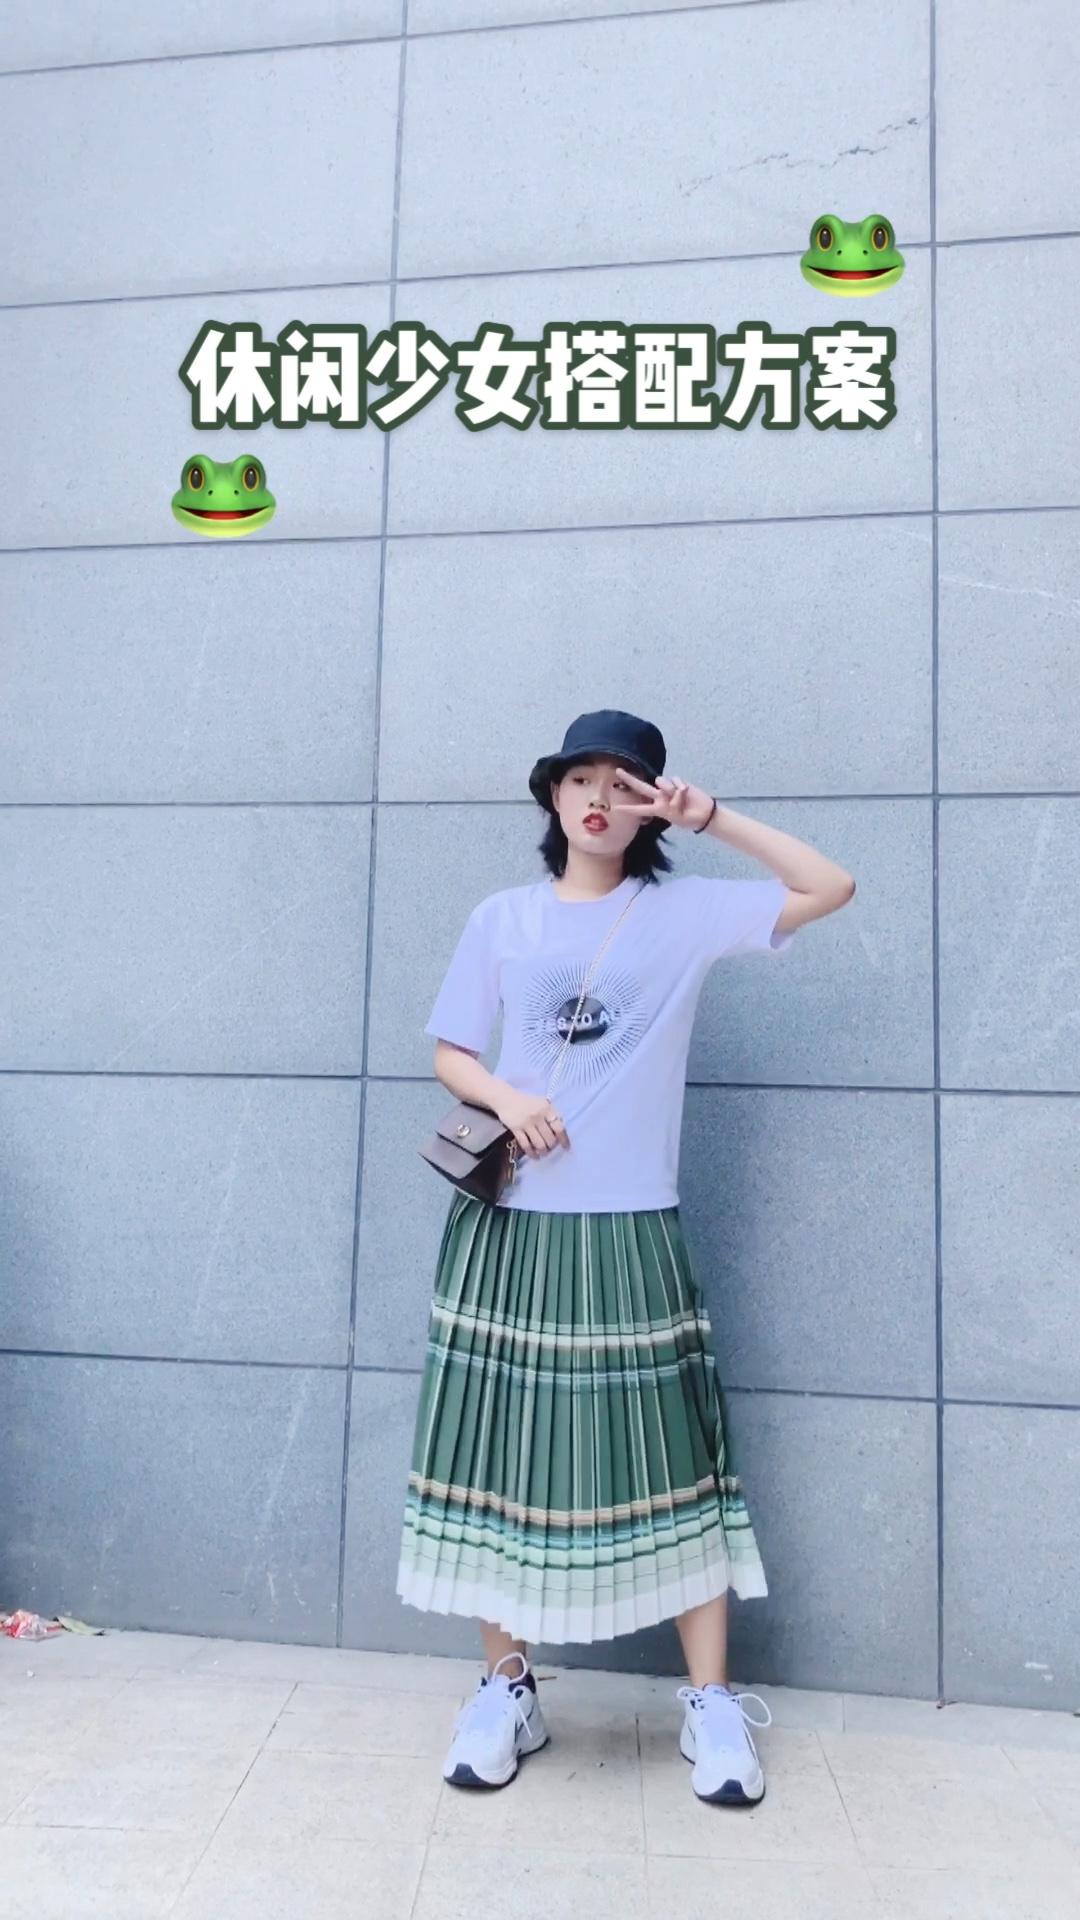 简约又好看的夏季穿搭~ 白t配绿色条纹长裙也不错!安利淘宝店素泊!最近买了超多她们家的衣服! #120斤女孩怕热这么穿!#